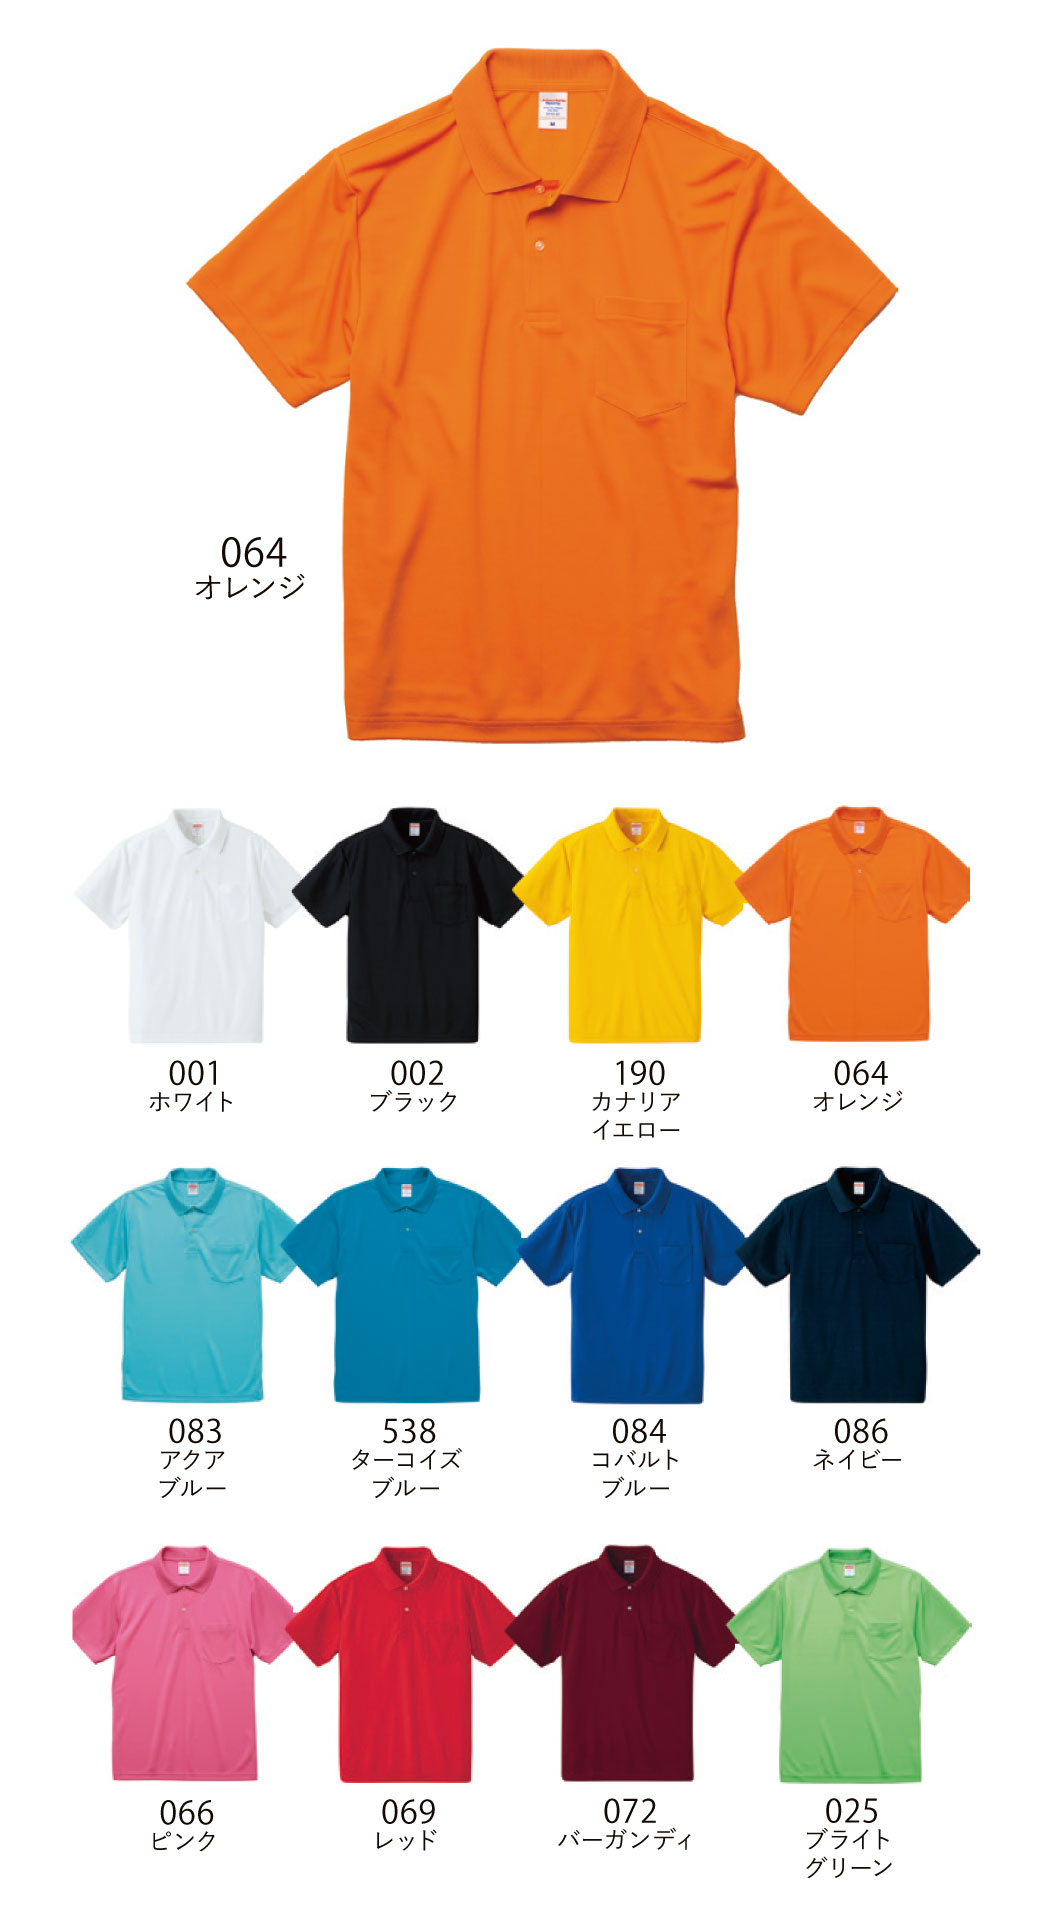 5912-01ドライアスレチックポロシャツ(ポケ付)のカラー見本